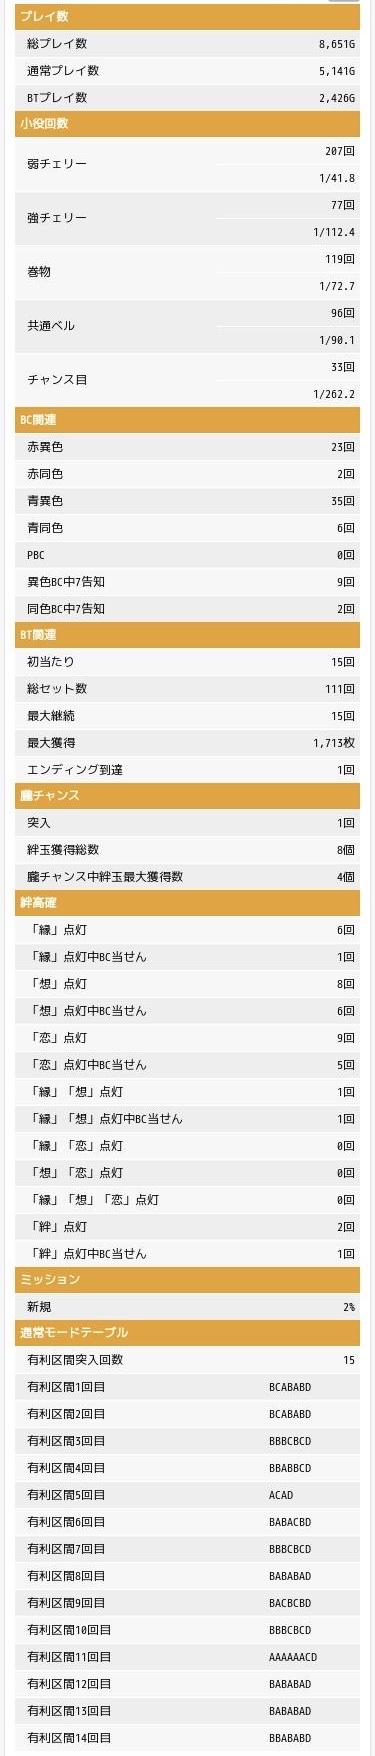 グラフ バジリスク絆2 設定2